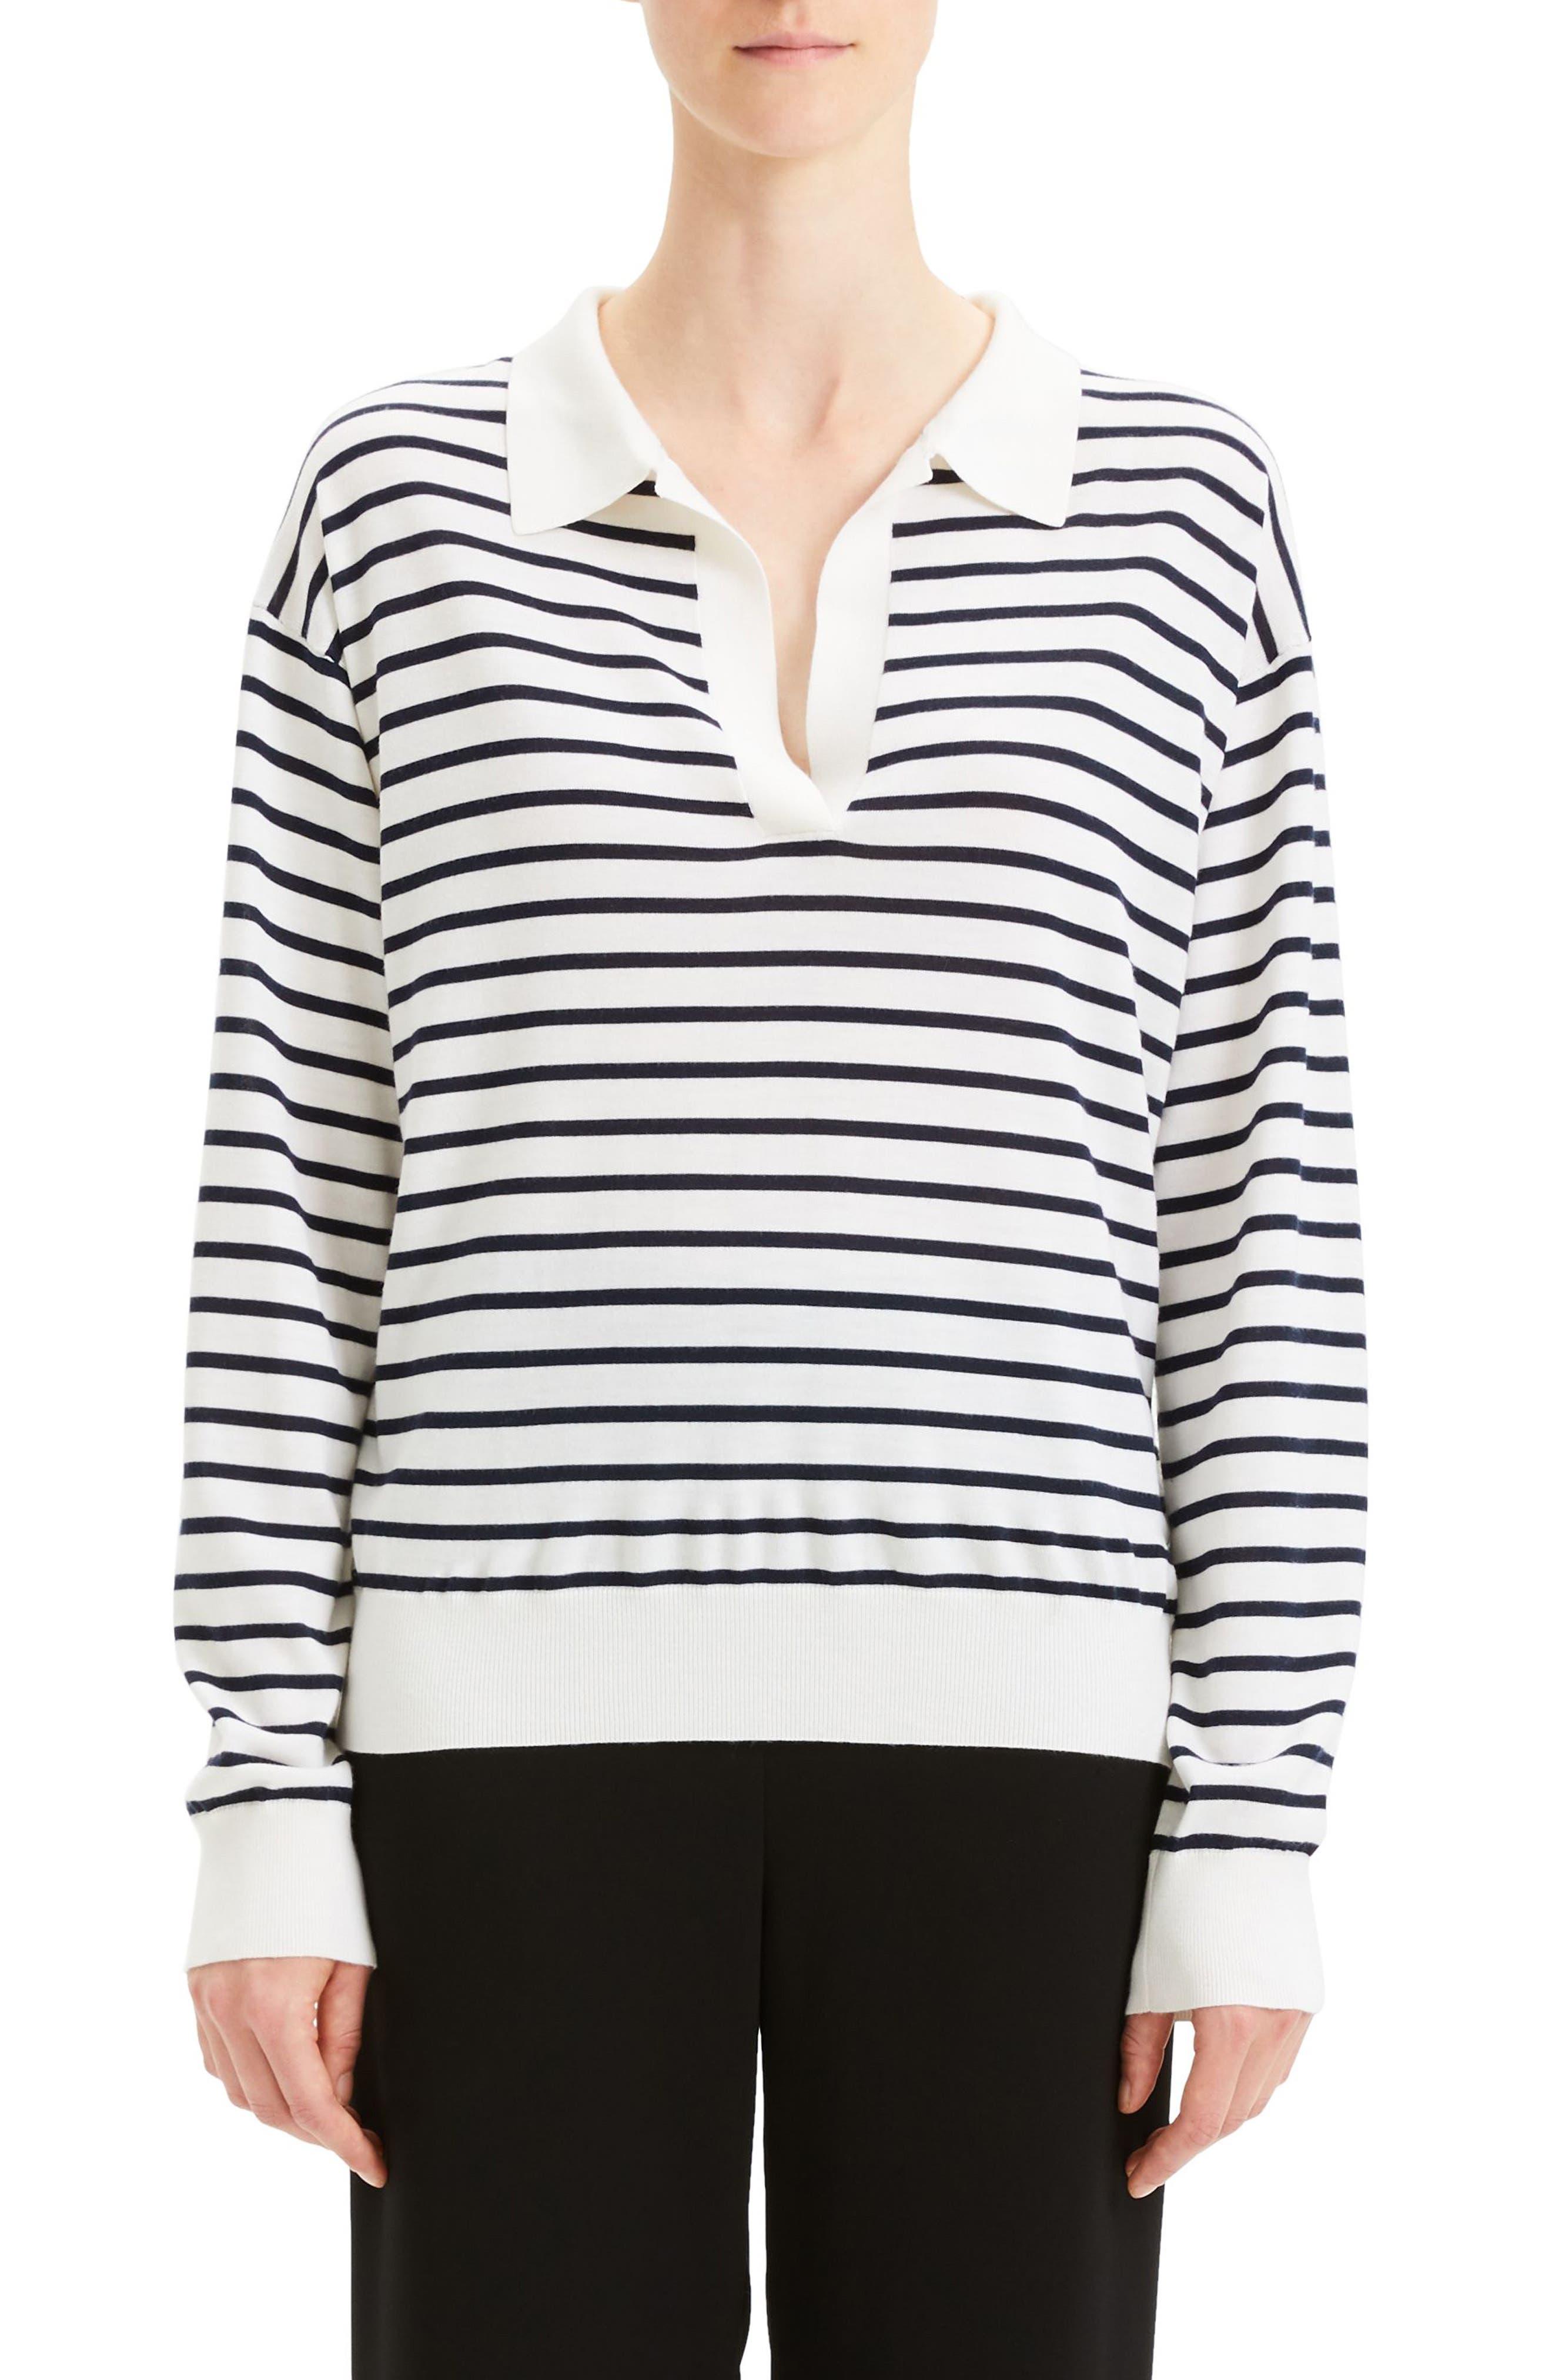 Theory Stripe Merino Wool & Silk Sweater, Size Petite - Ivory